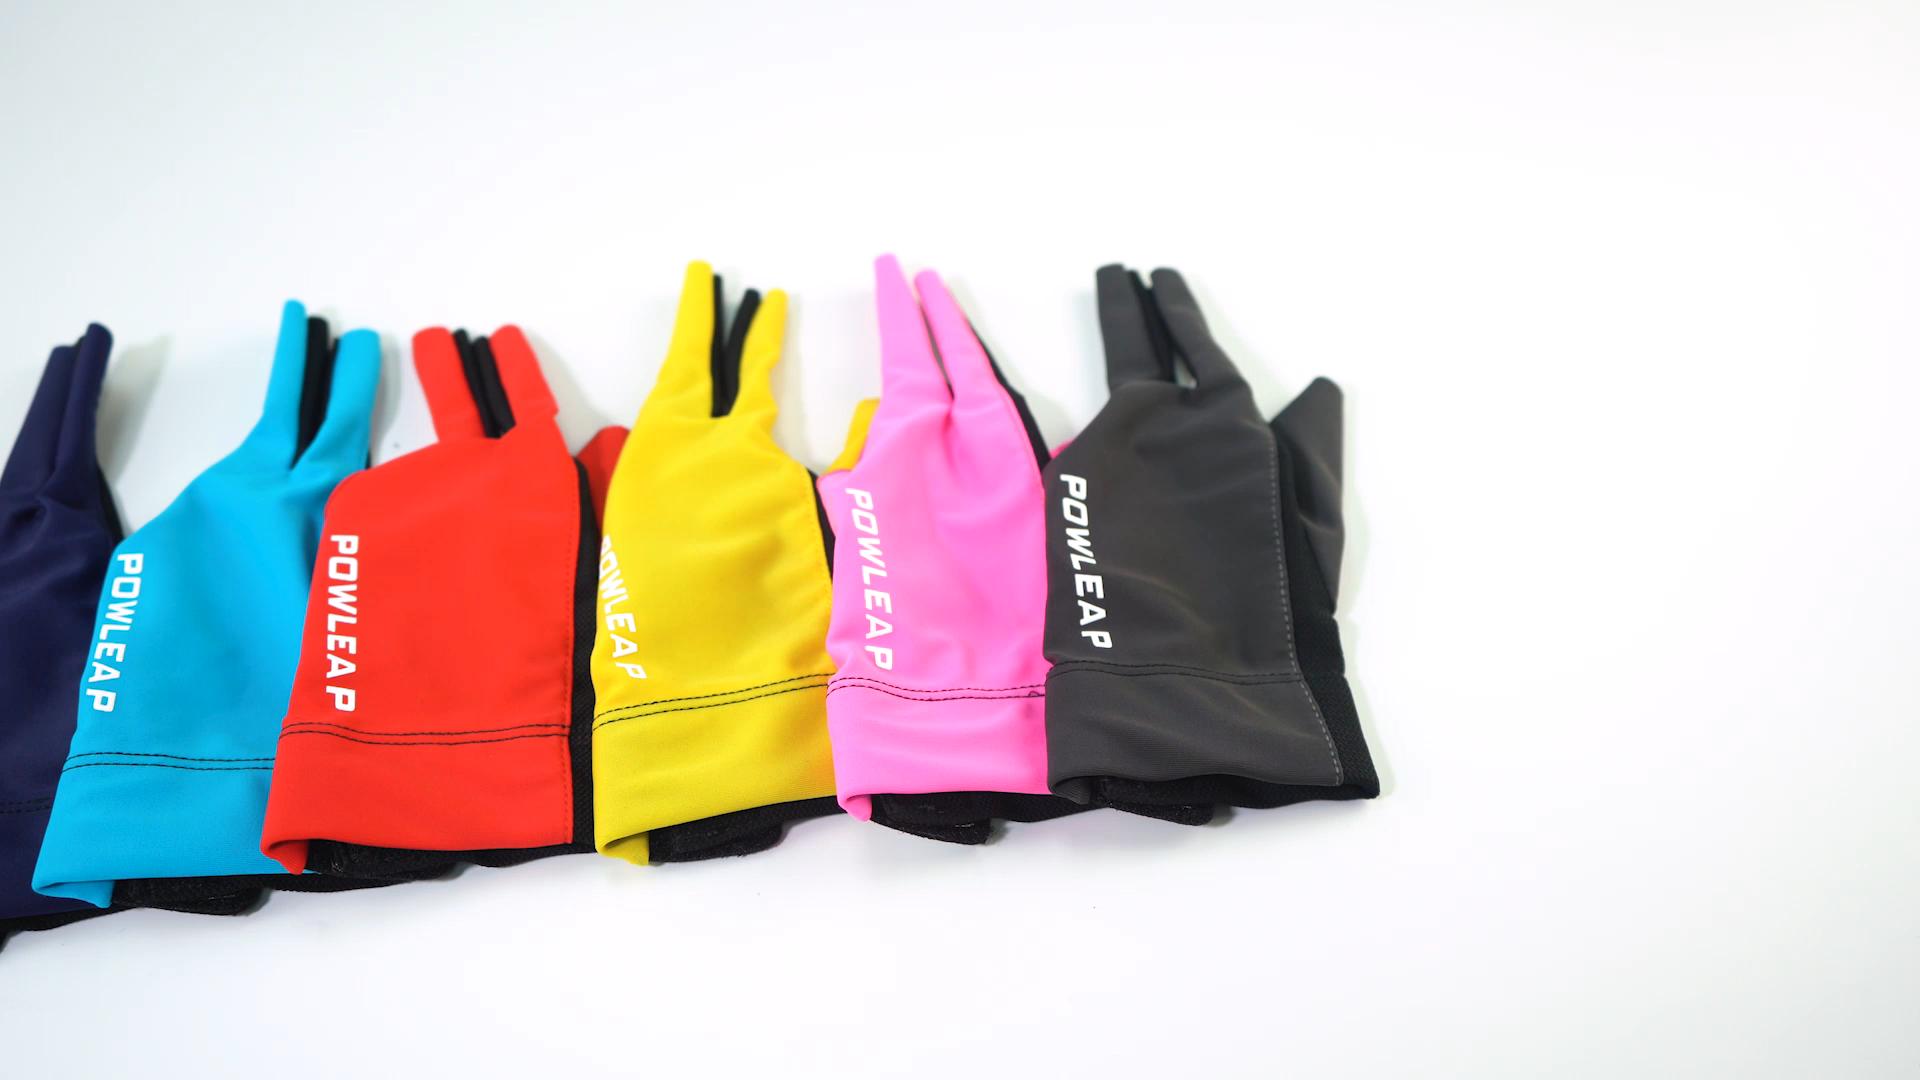 ขายส่งราคาถูกซ้ายHanded Pool Cue ShootersถุงมือCustom 3 นิ้วSpandexบิลเลียดสนุ๊กเกอร์ถุงมือสำหรับผู้เล่นสระว่ายน้ำ